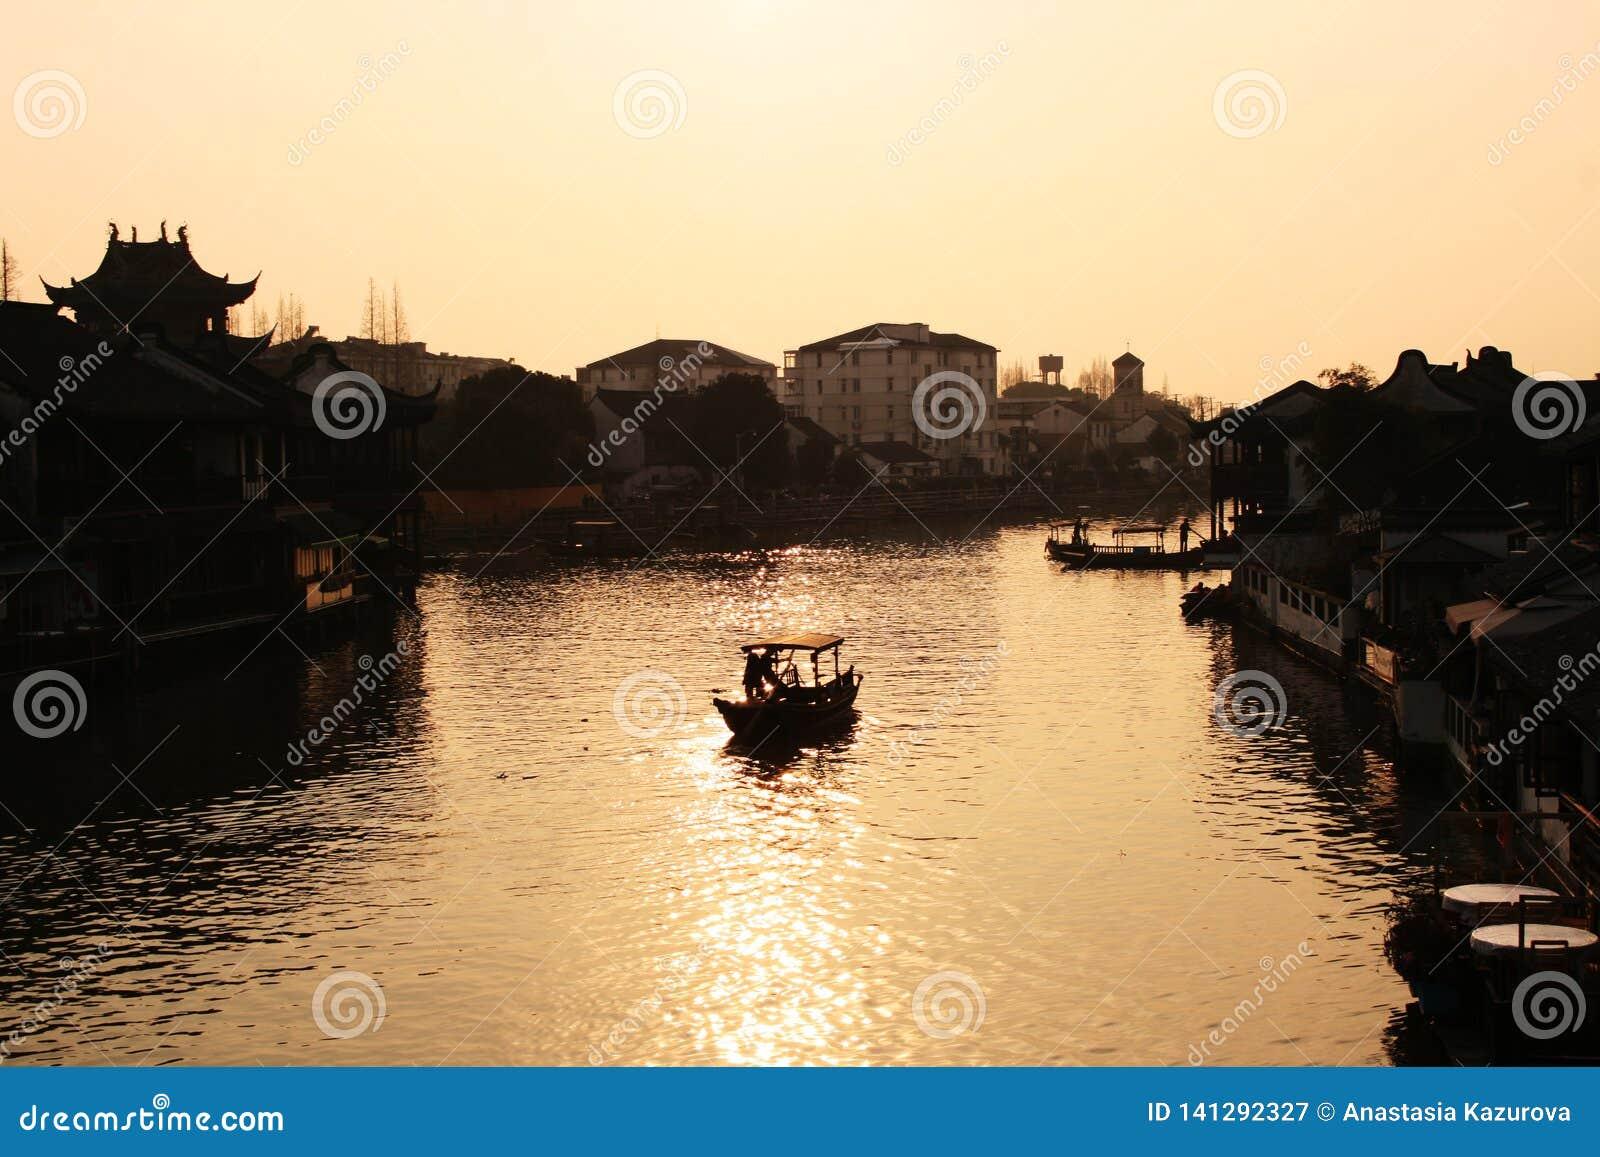 Mooie zonsondergang in de oude stad van Zhujiajiao, China Traditionele Chinese arhitecture, schepen op water, rivier